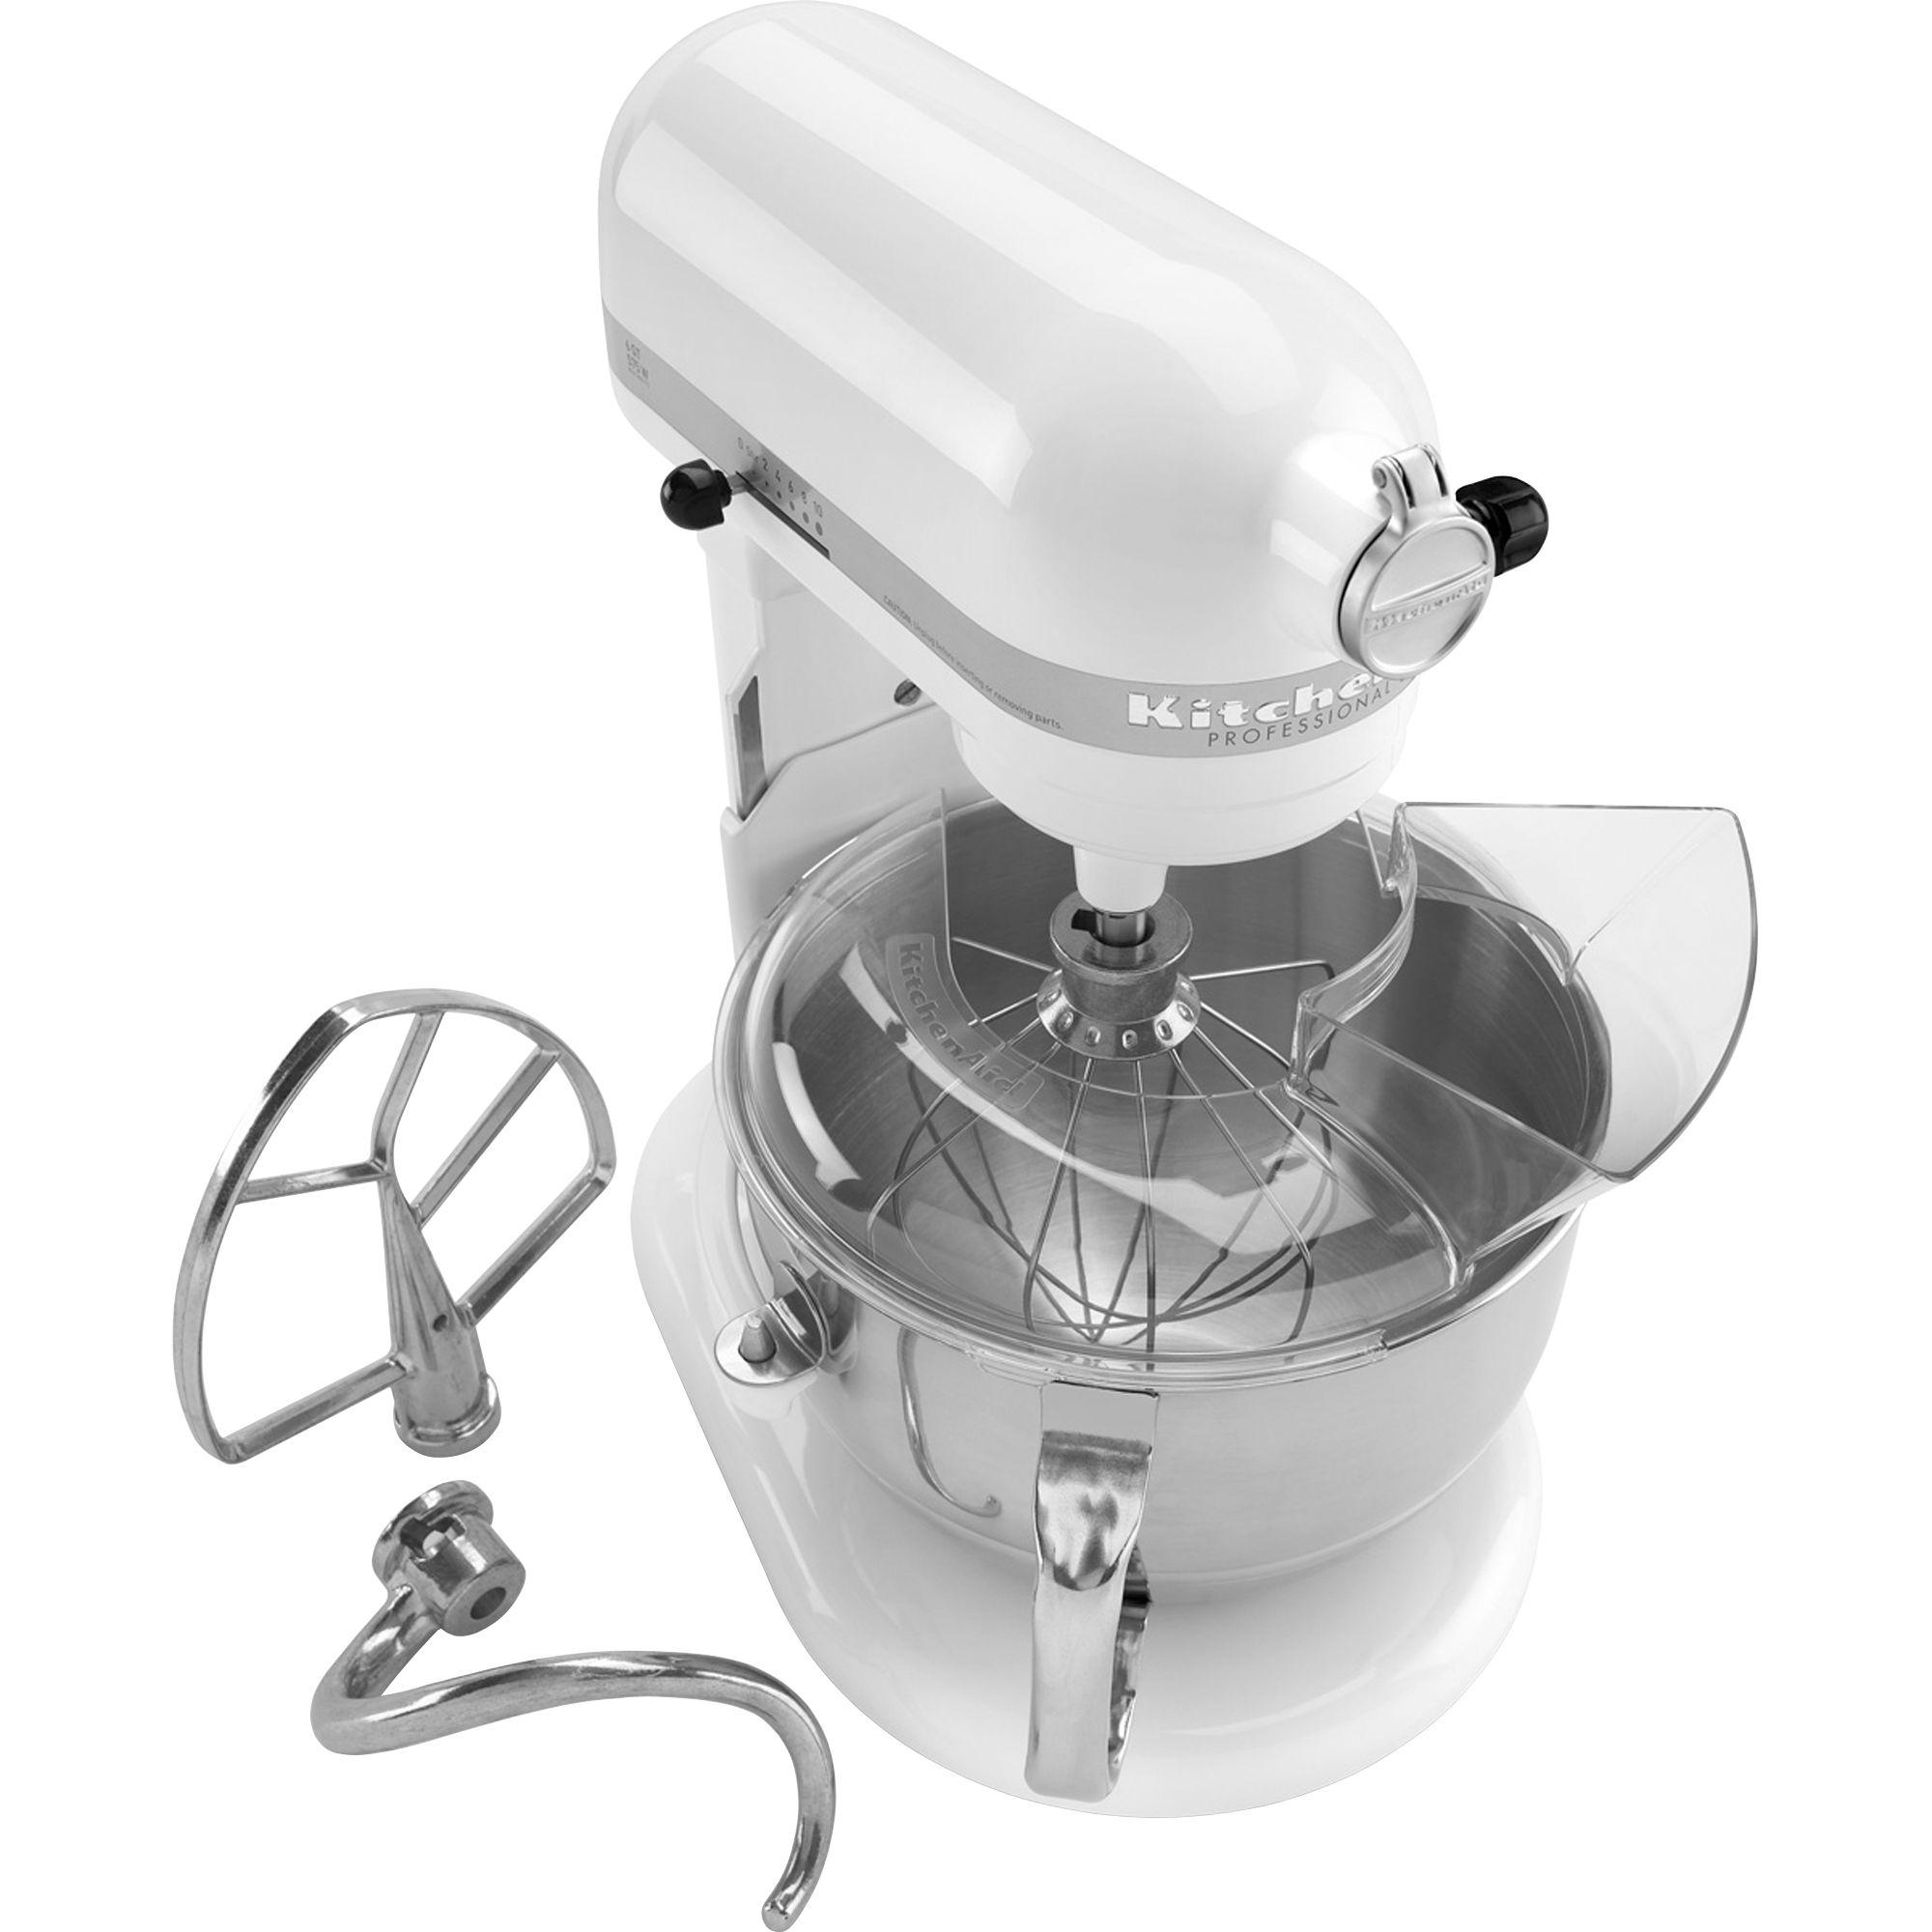 Kitchenaid mixer parts kitchenaid w mixer planetary with kitchenaid mixer parts perfect - Kitchenaid parts edmonton ...